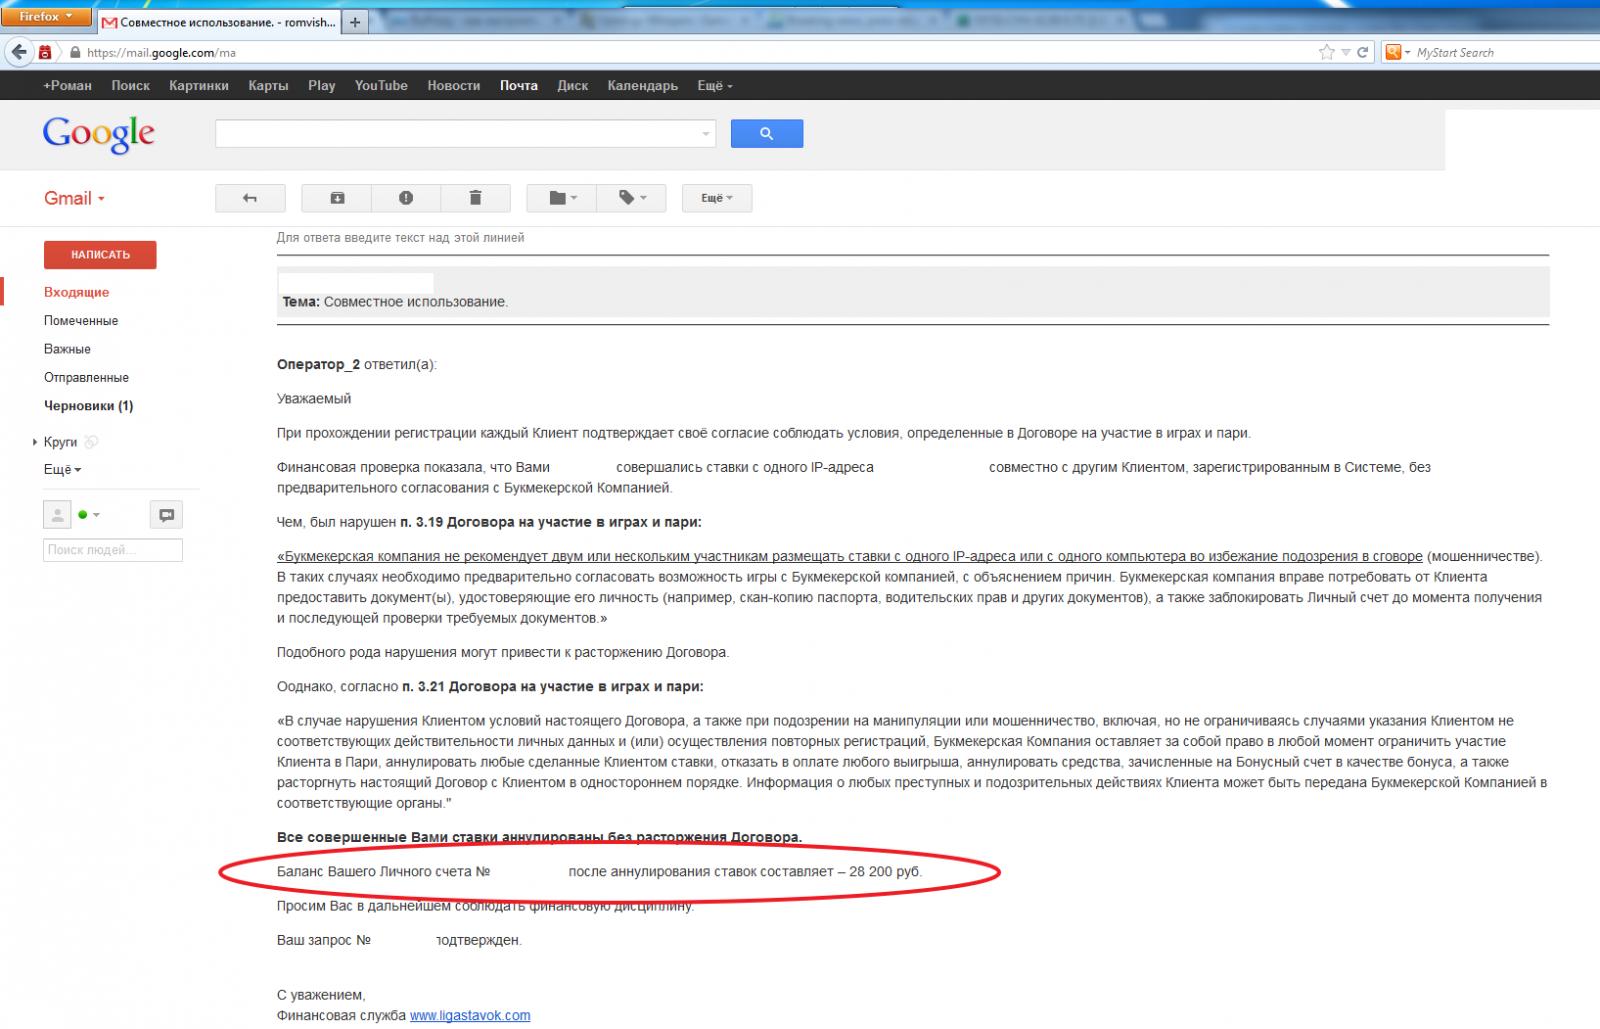 Заработок в интернете без вложений проверенные сайты-19